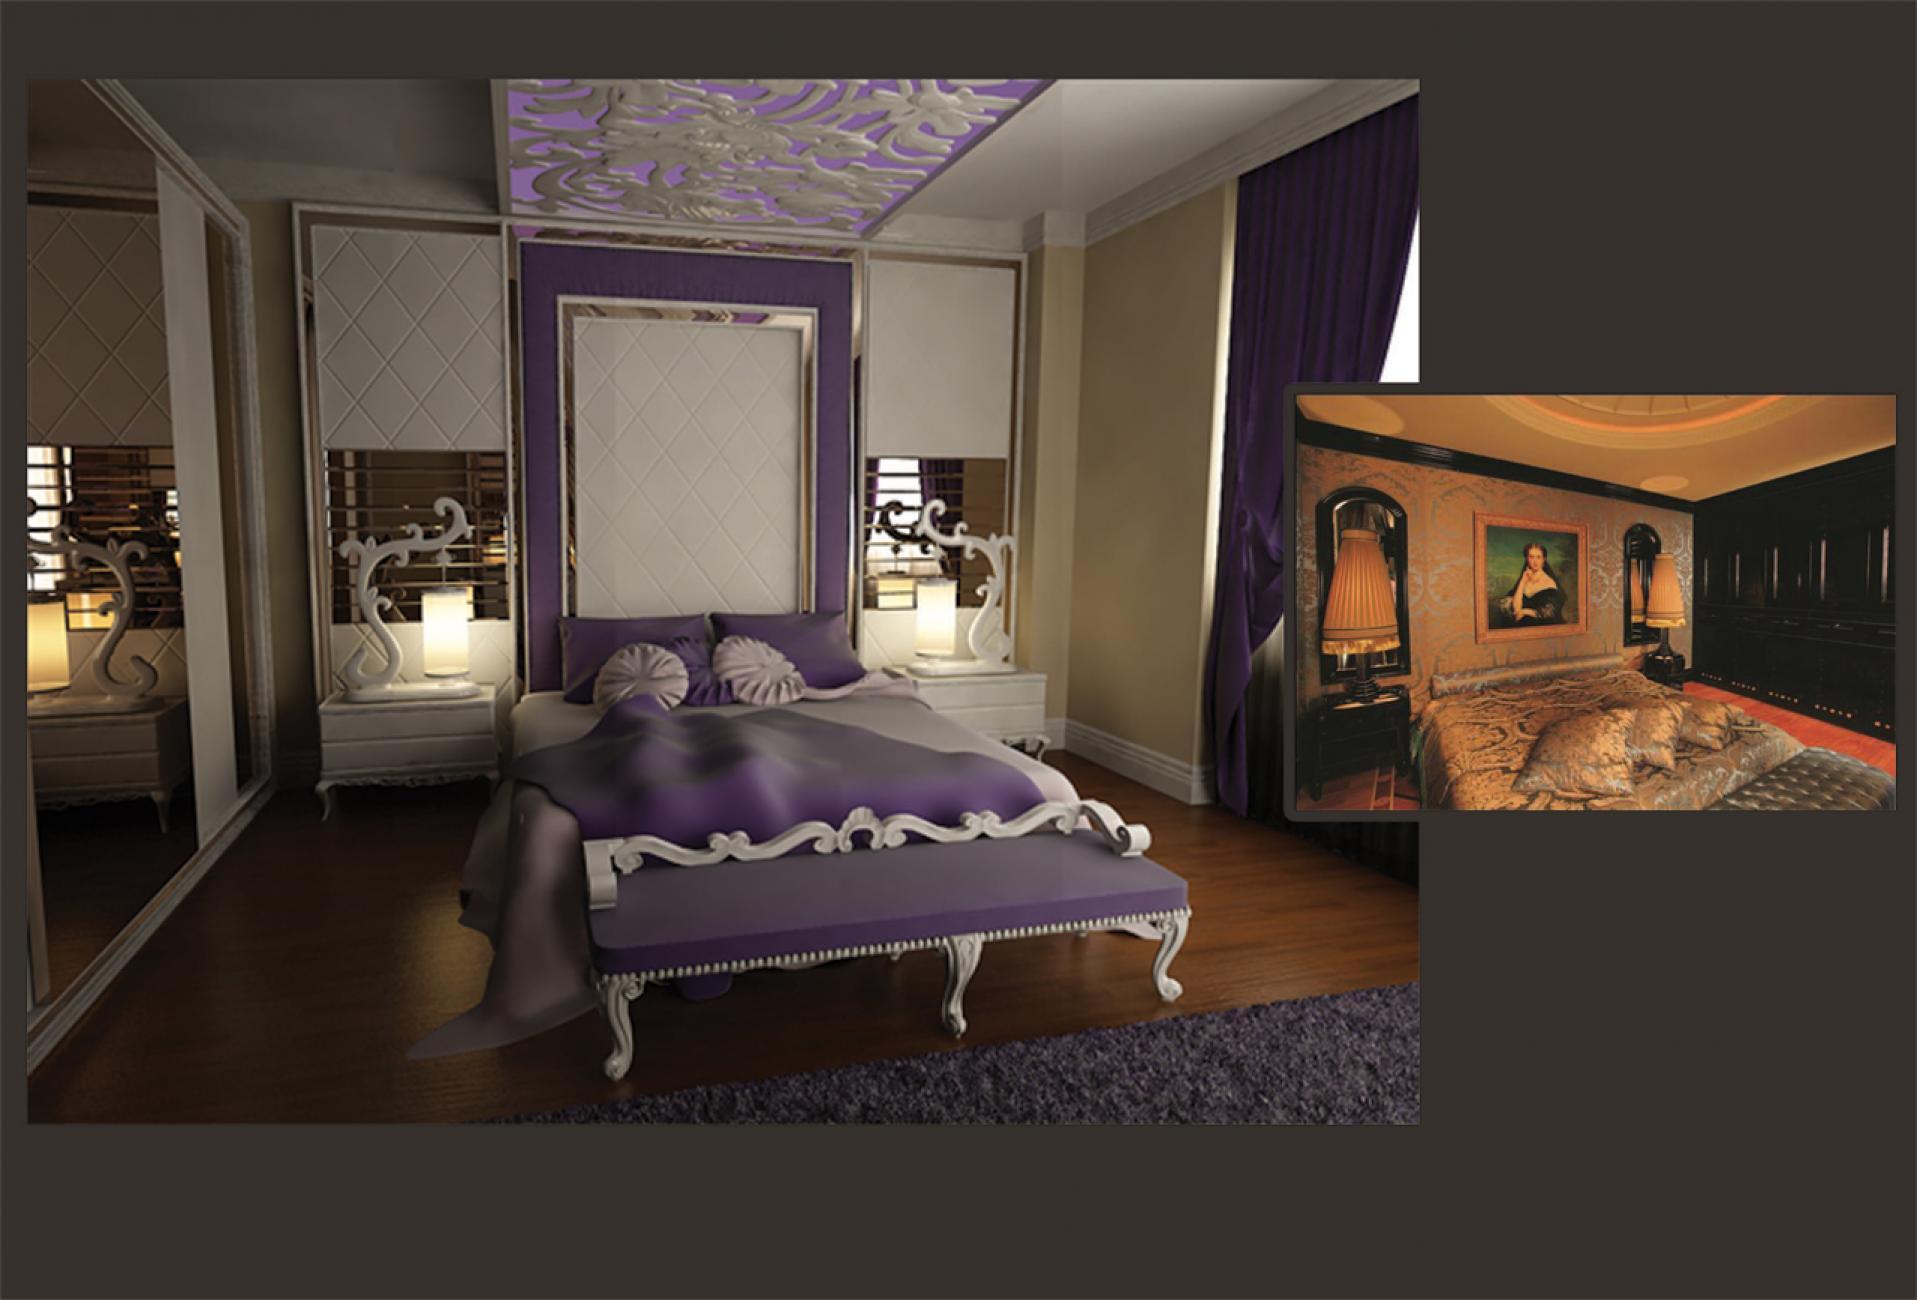 Hotel Furniture 240